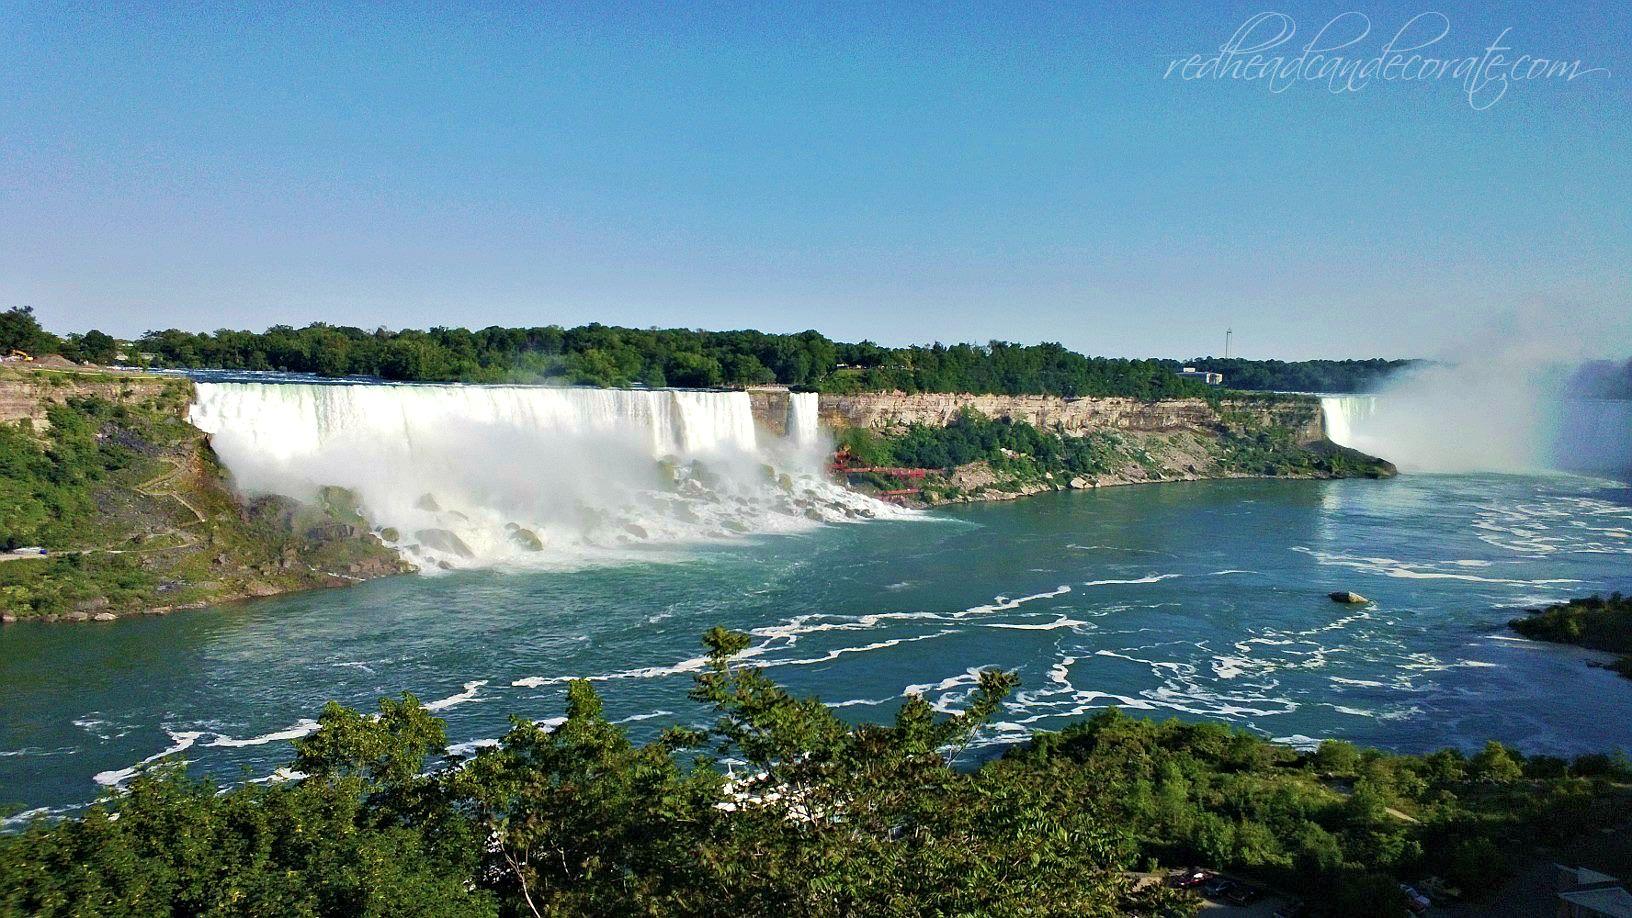 Niagara on the Lake Redhead Can Decorate com